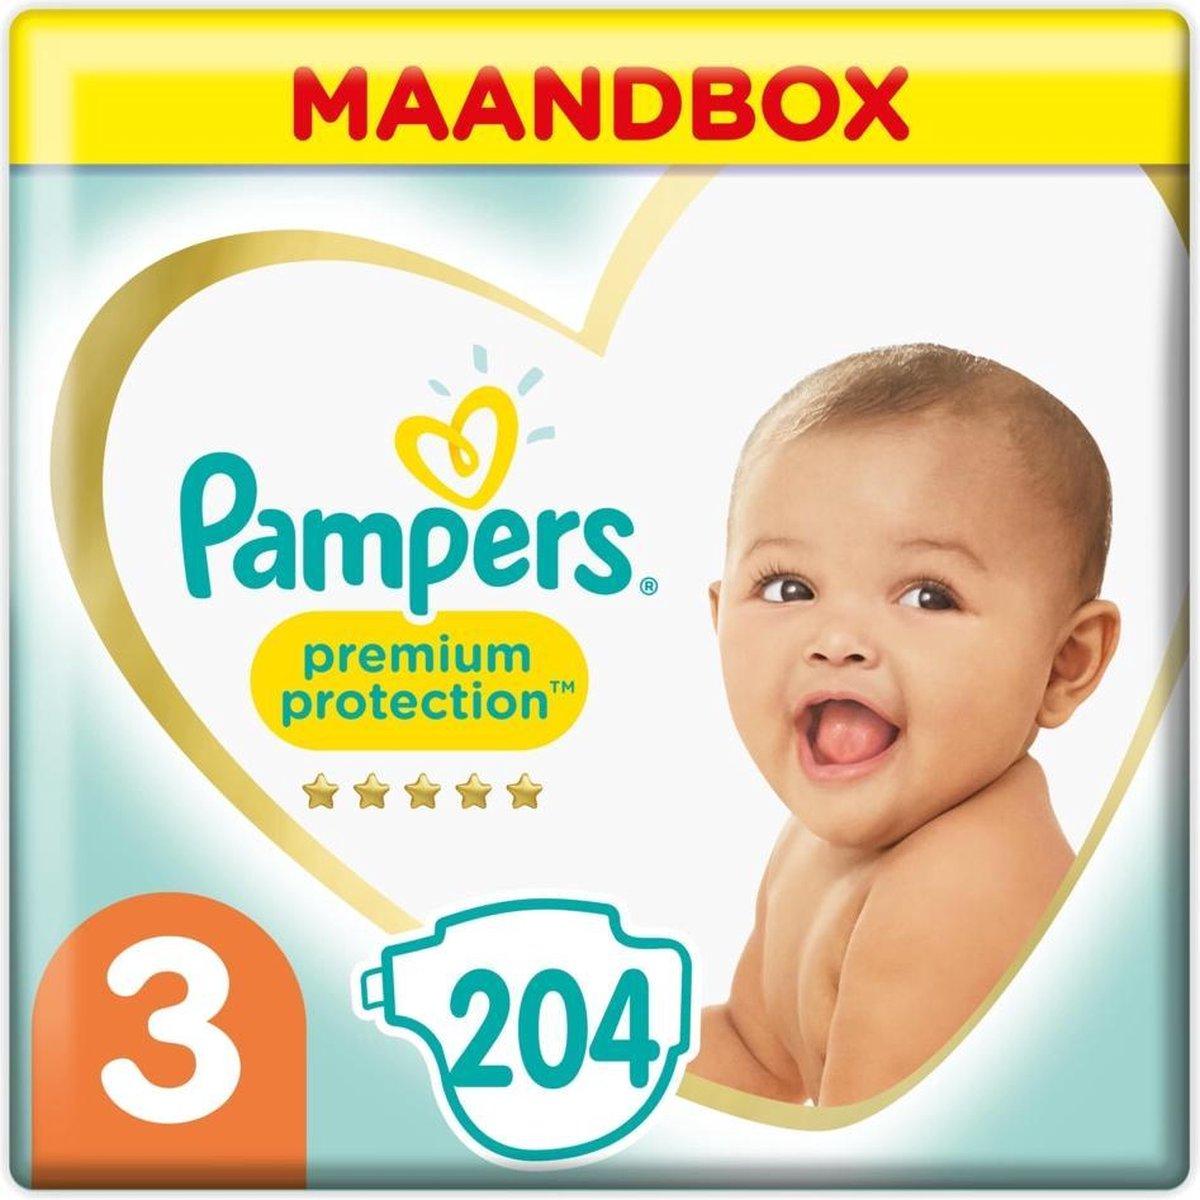 Pampers Premium Protection Luiers - Maat 3 (6-10 kg) - 204 stuks - Maandbox - Pampers